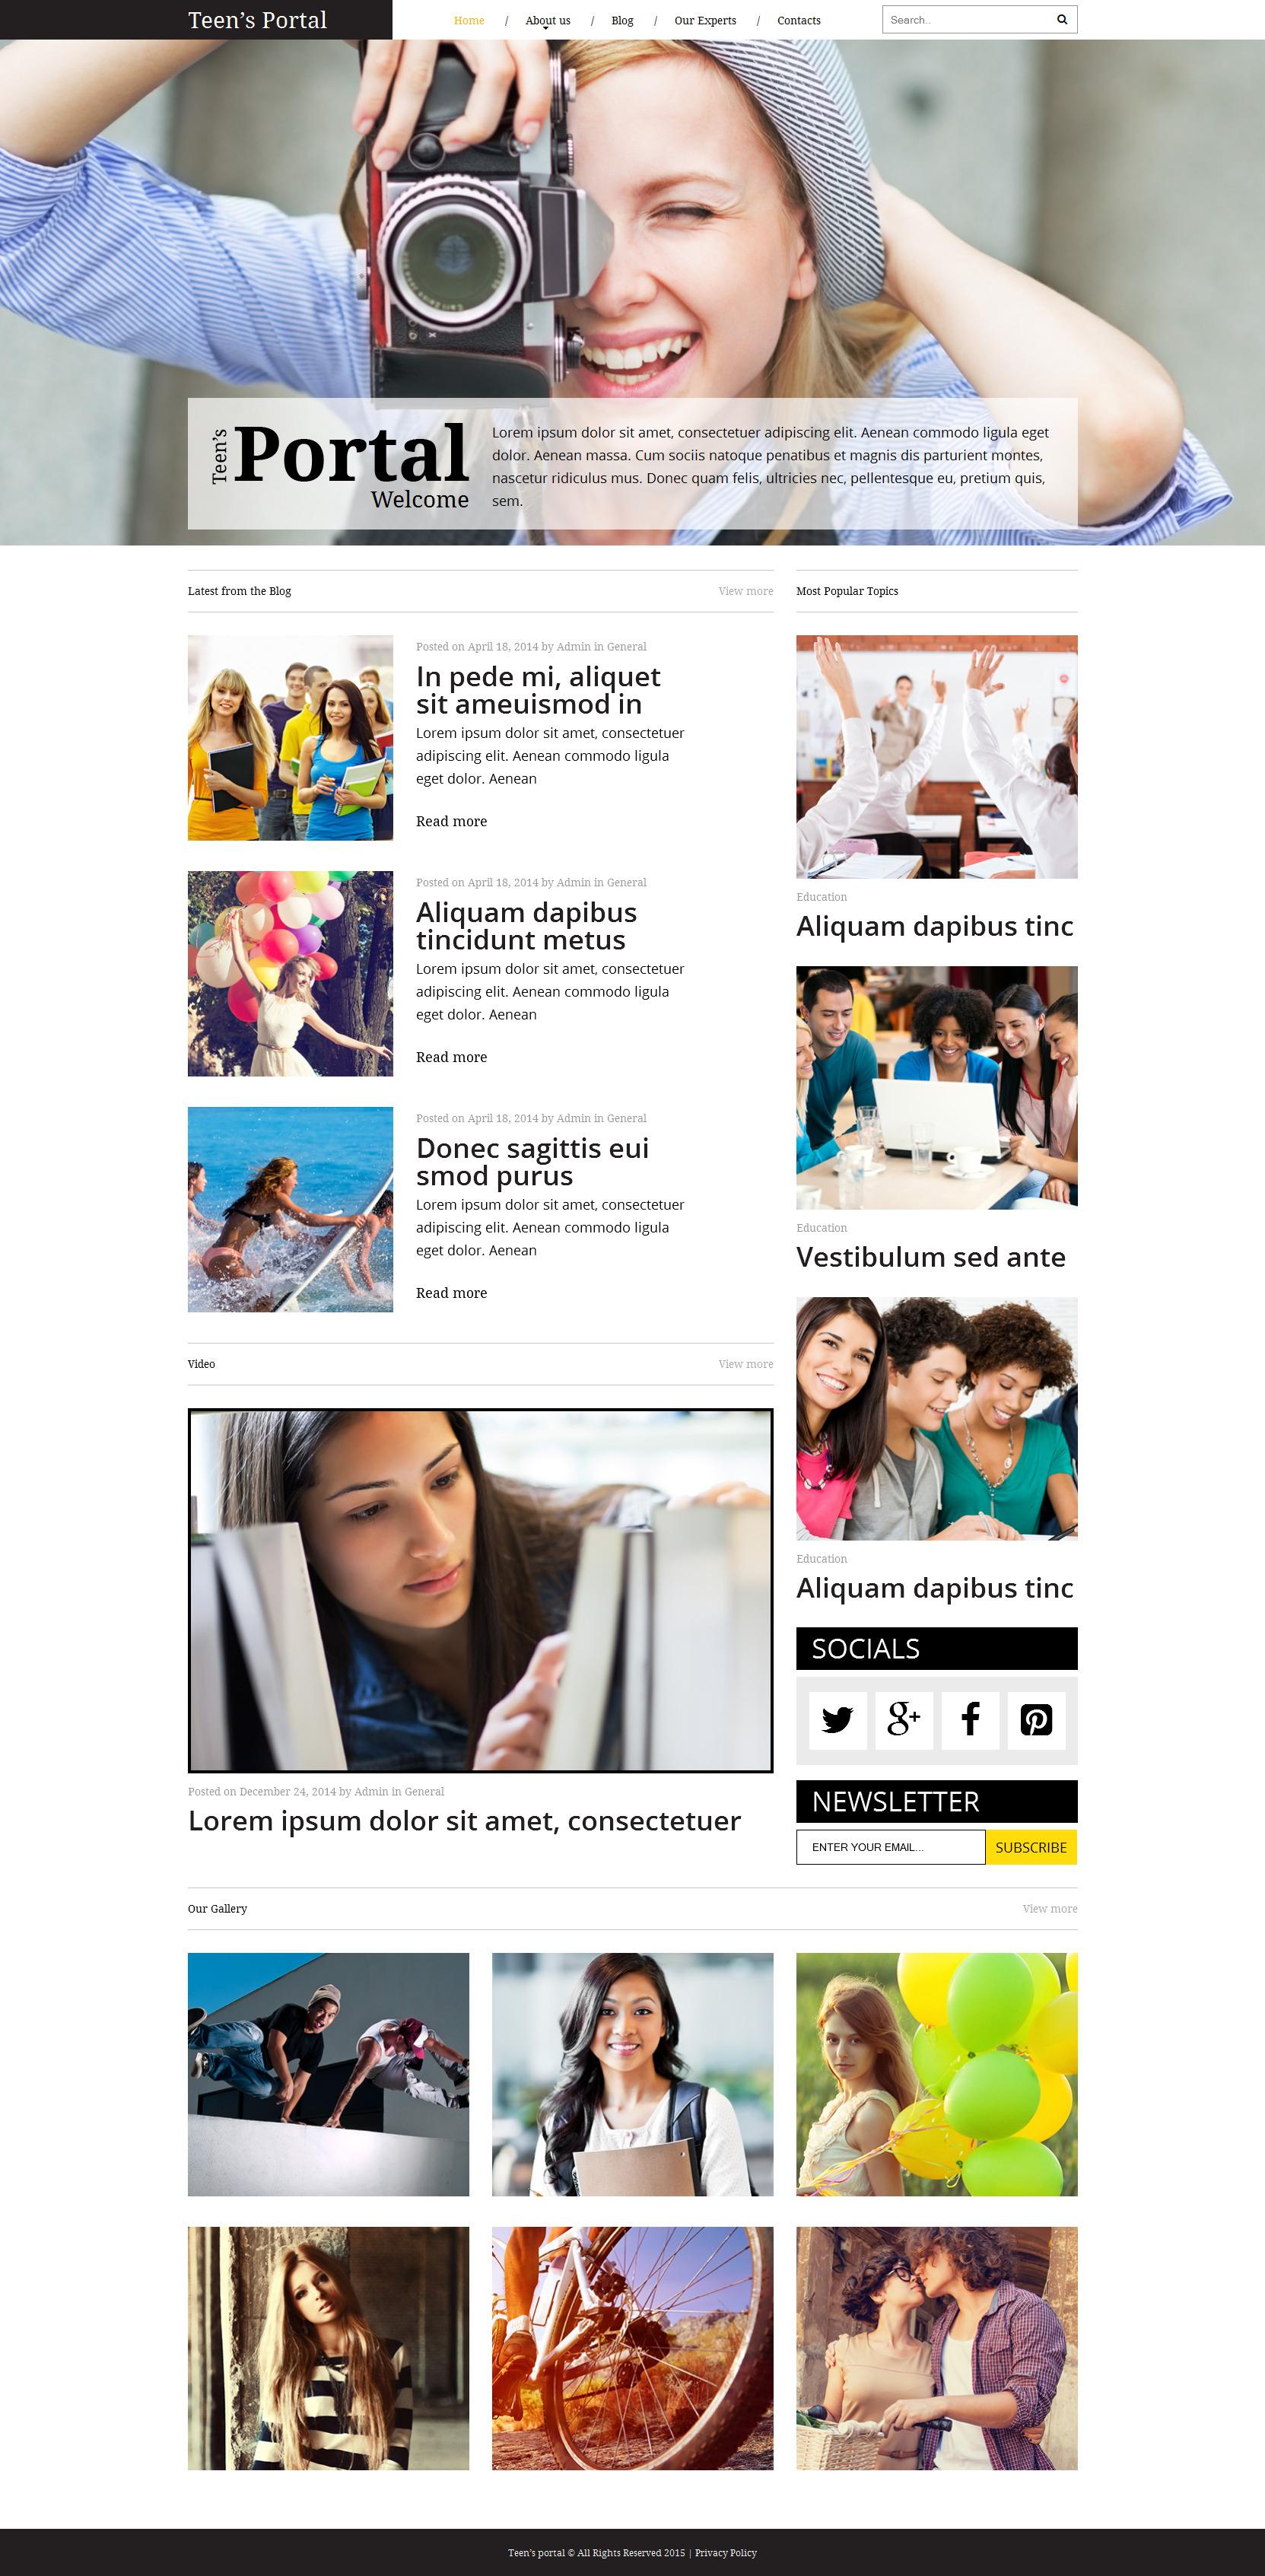 Sitios web inapropiados para adolescentes